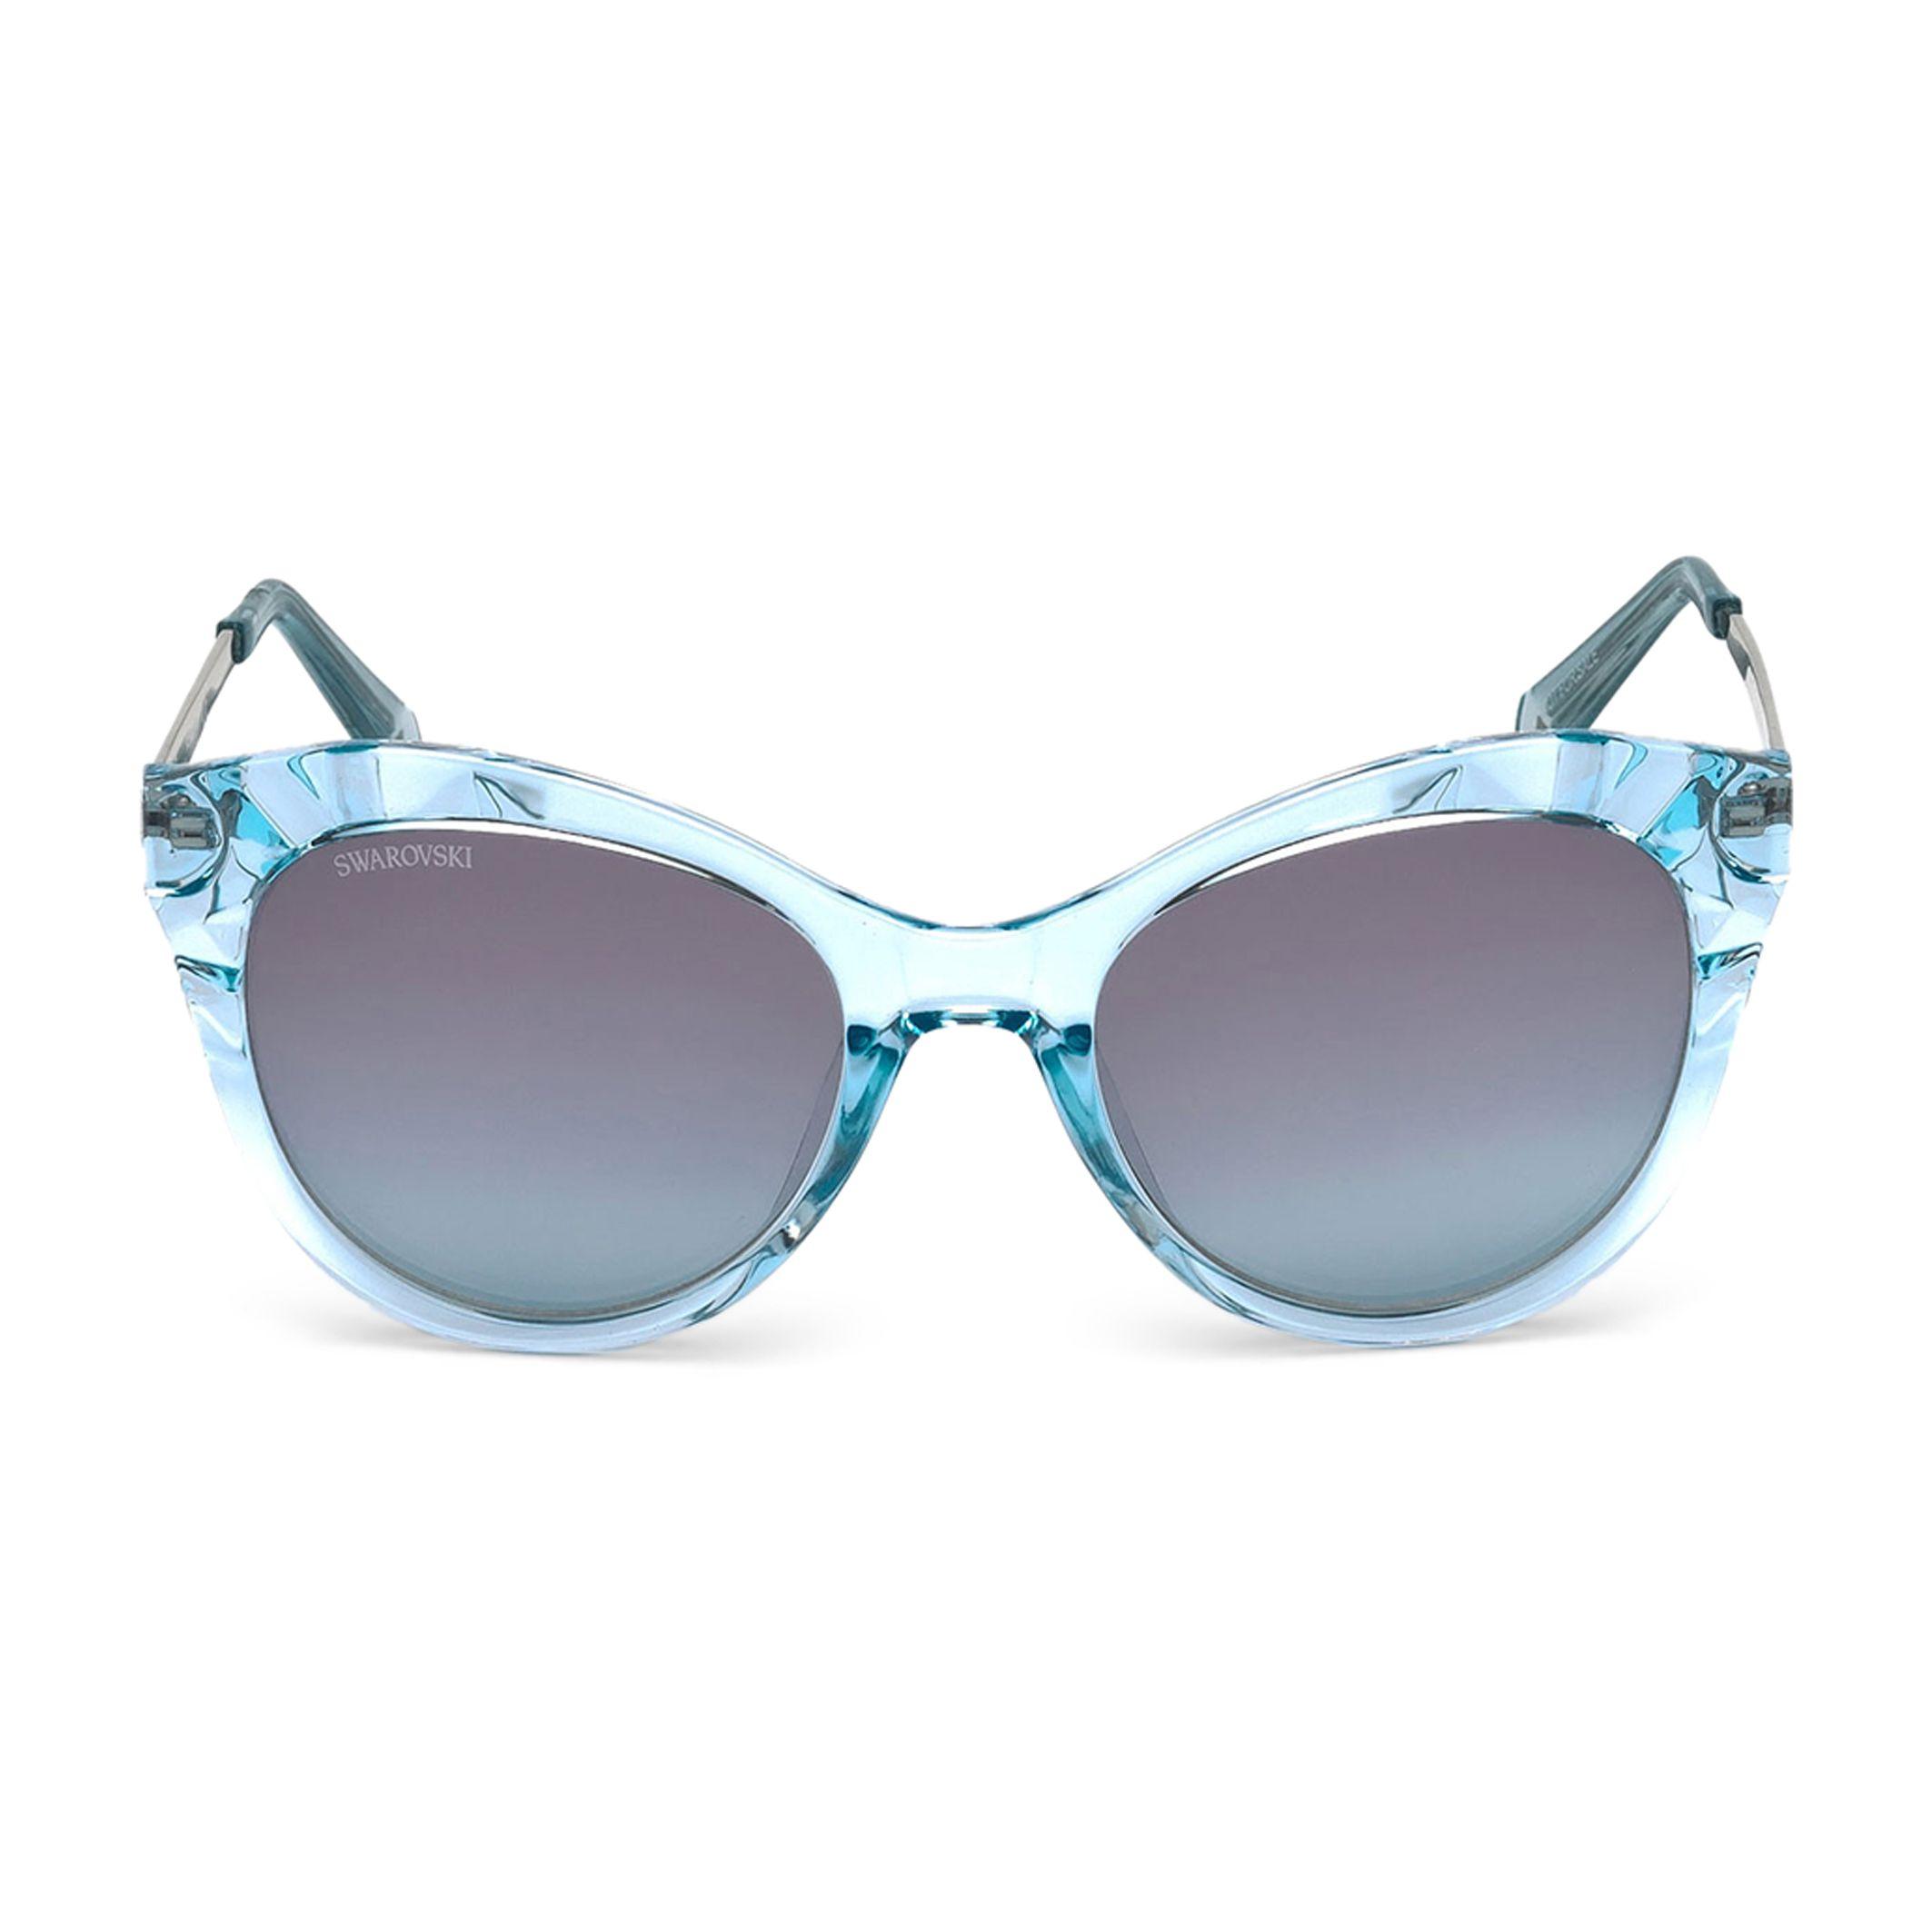 Swarovski Womens Sunglasses